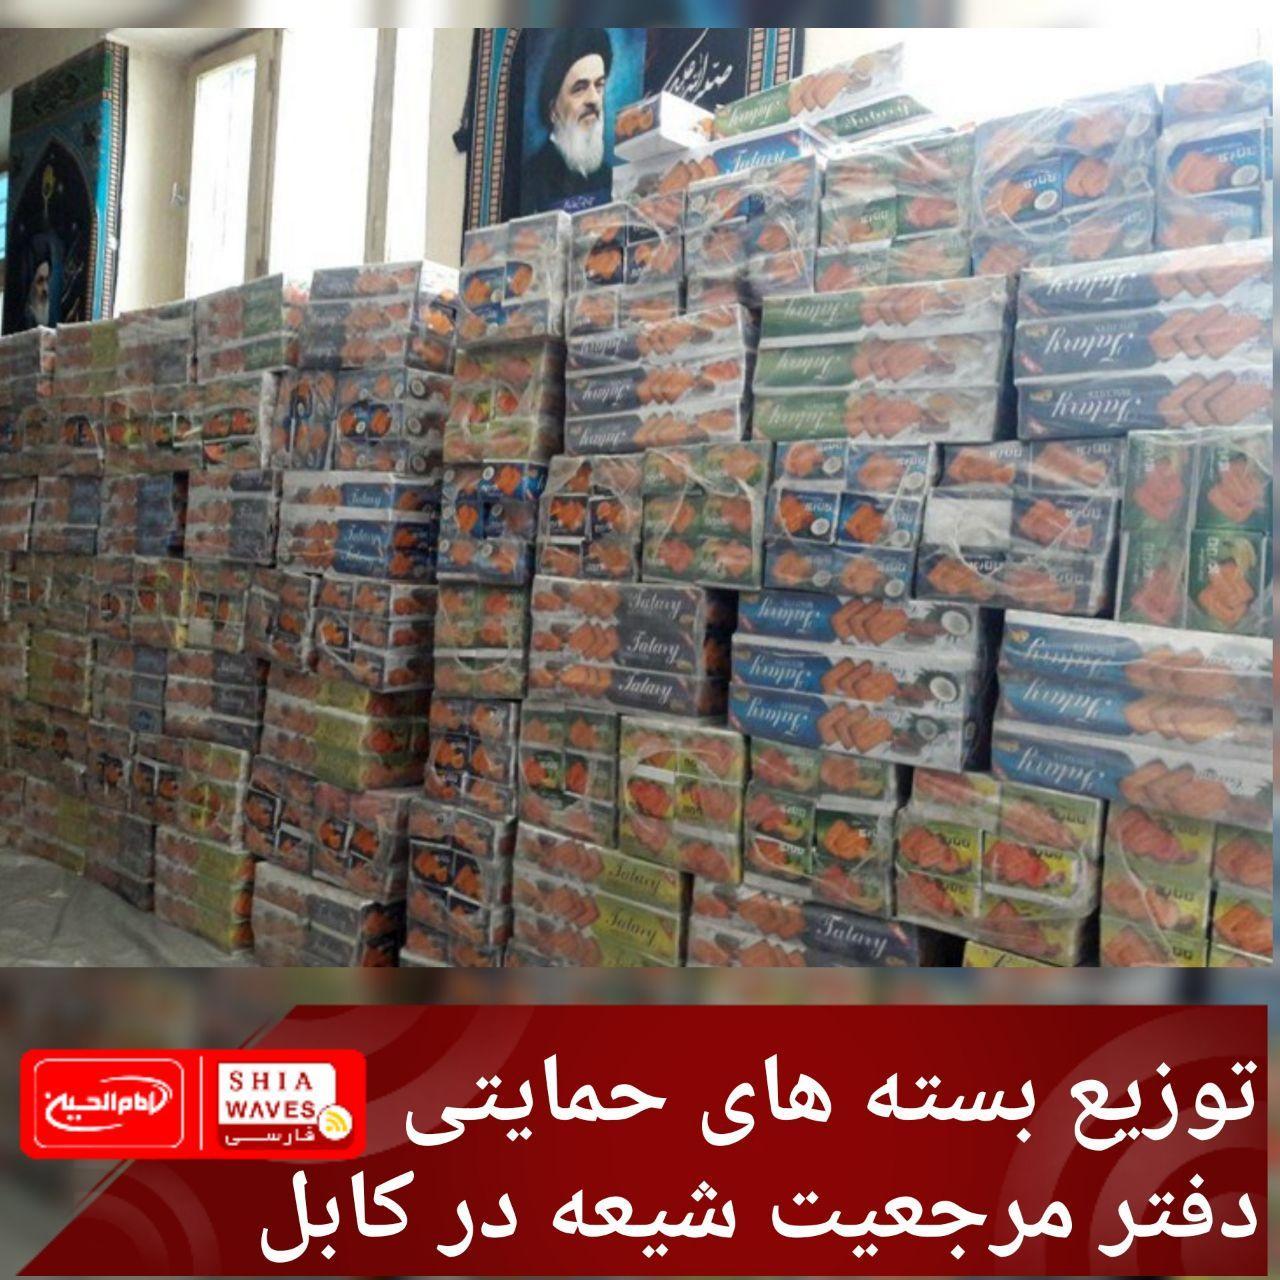 تصویر توزیع بسته های حمایتی دفتر مرجعیت شیعه در کابل